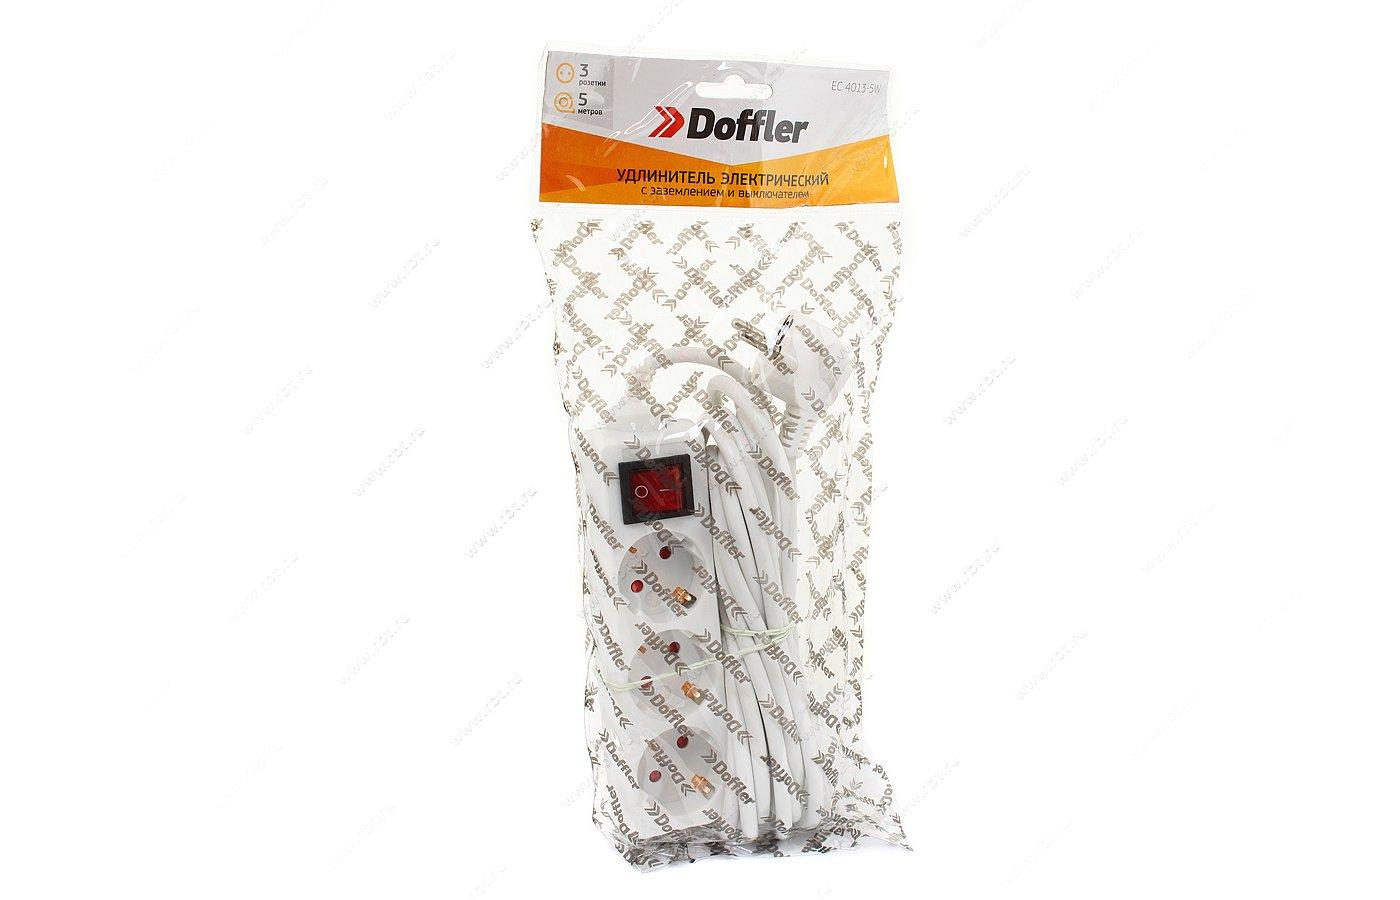 Удлинитель DOFFLER EC 4013-5W 3роз./5м.